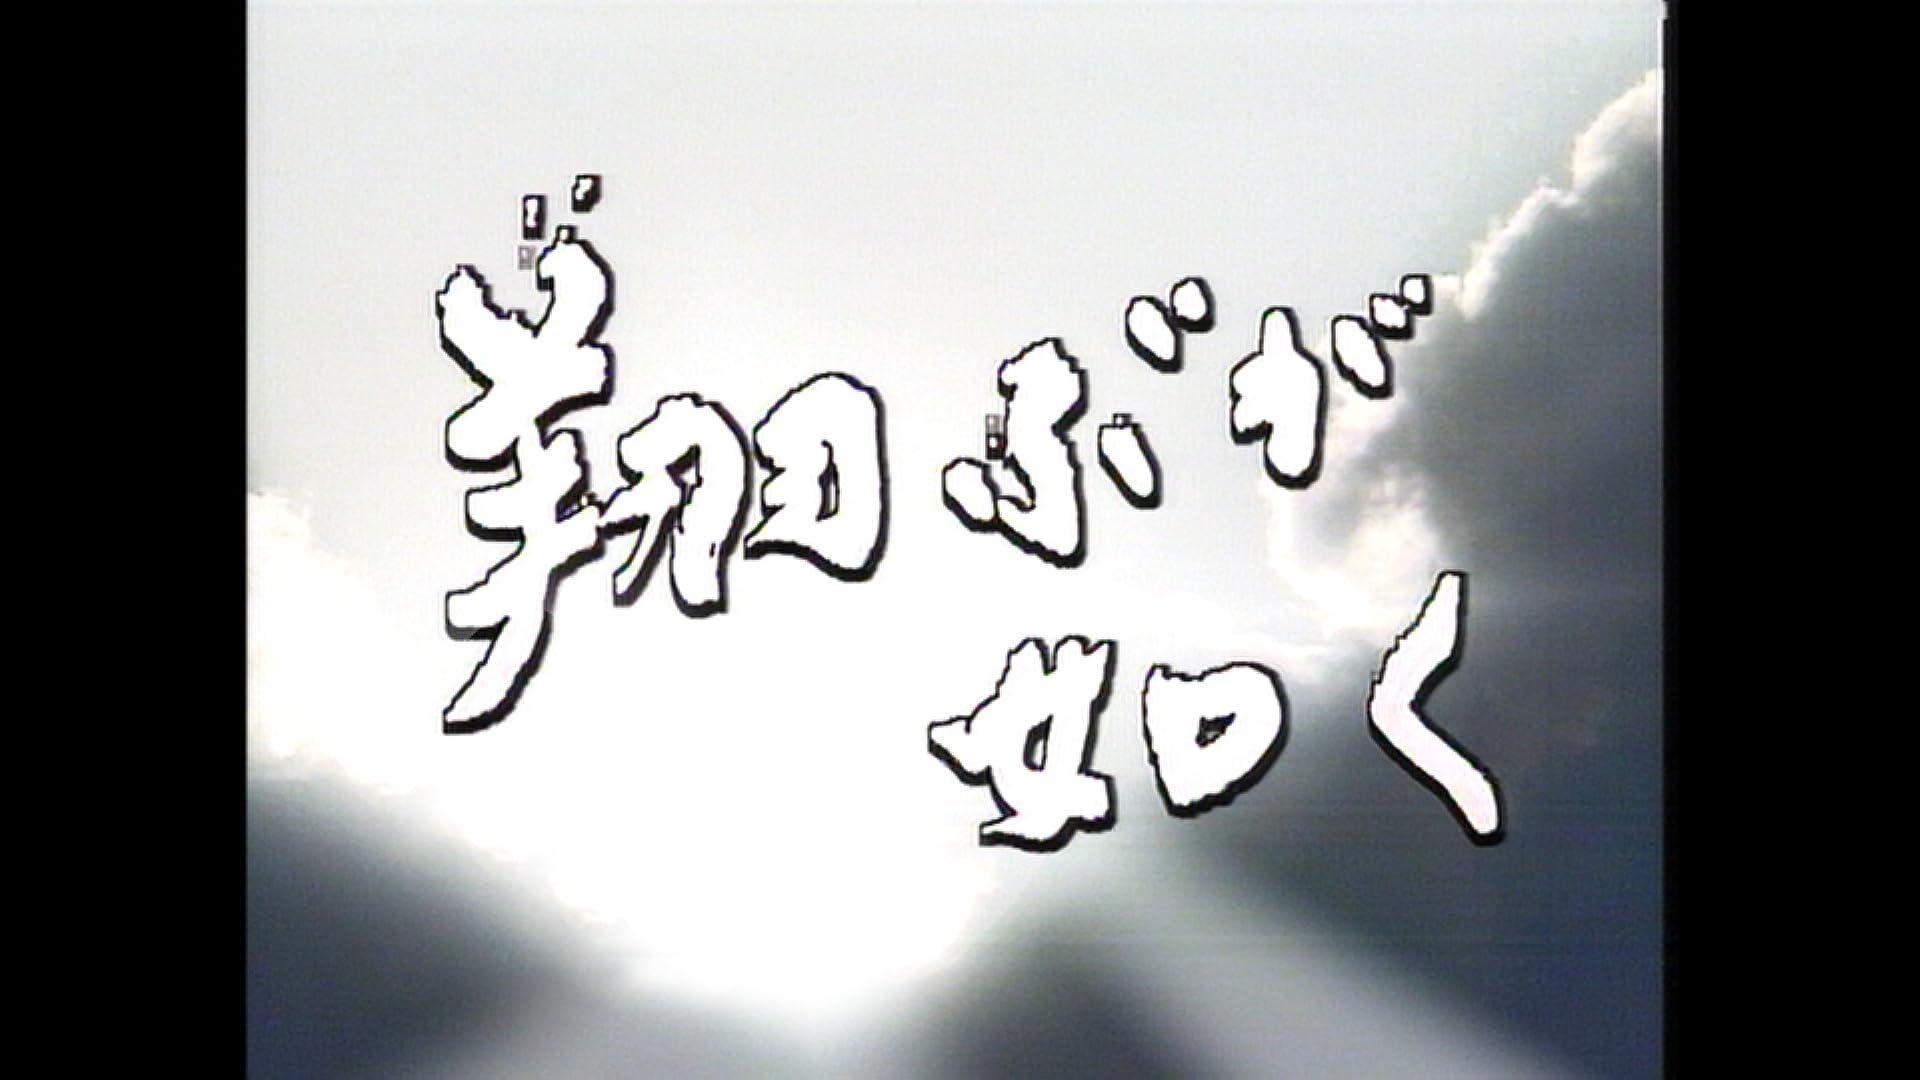 大河ドラマ 翔ぶが如く(NHKオンデマンド)